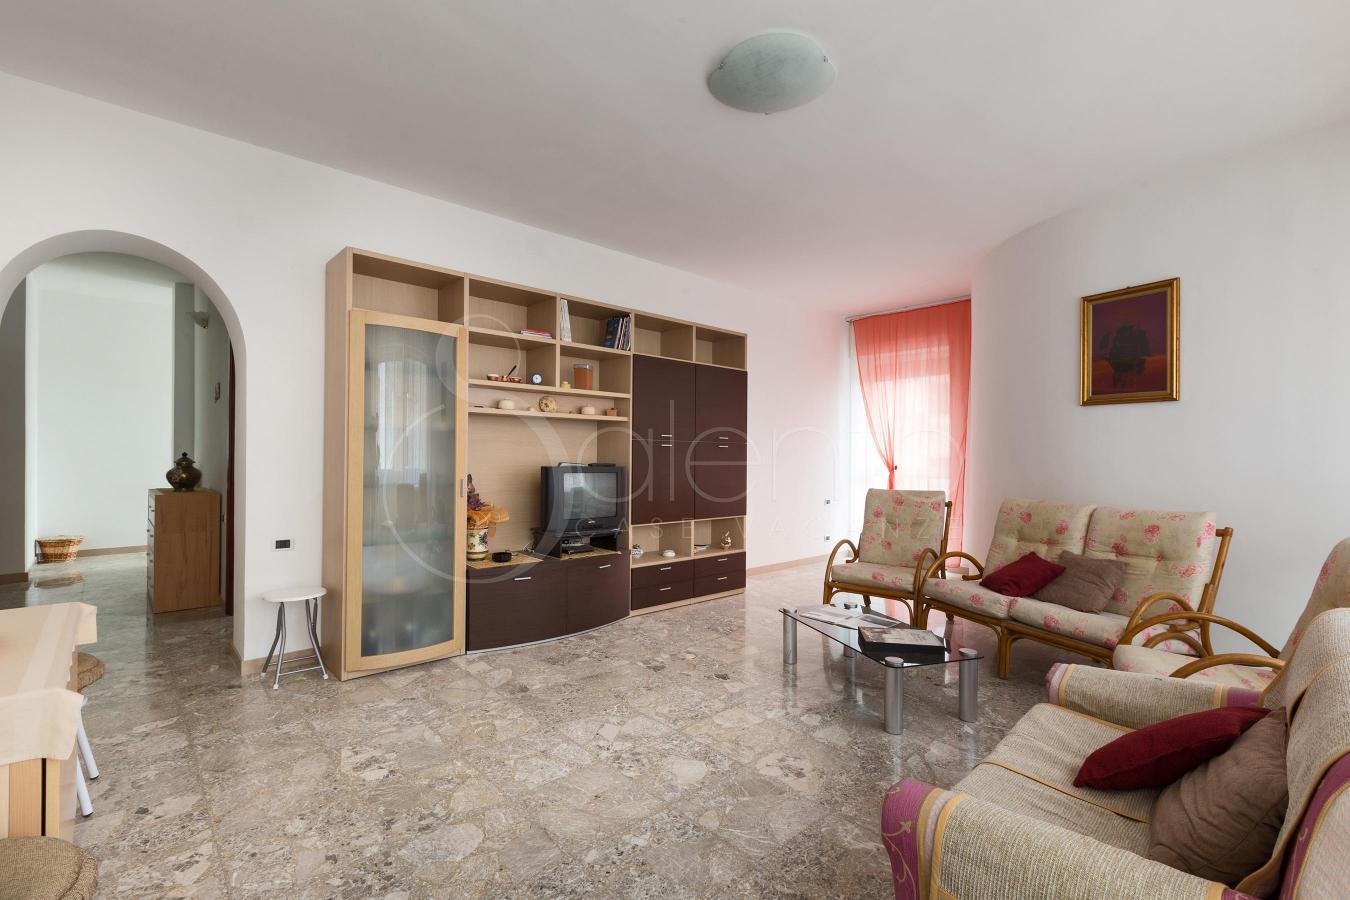 Appartamento vista mare in affitto per vacanze a gallipoli for Appartamento in affitto per suocera